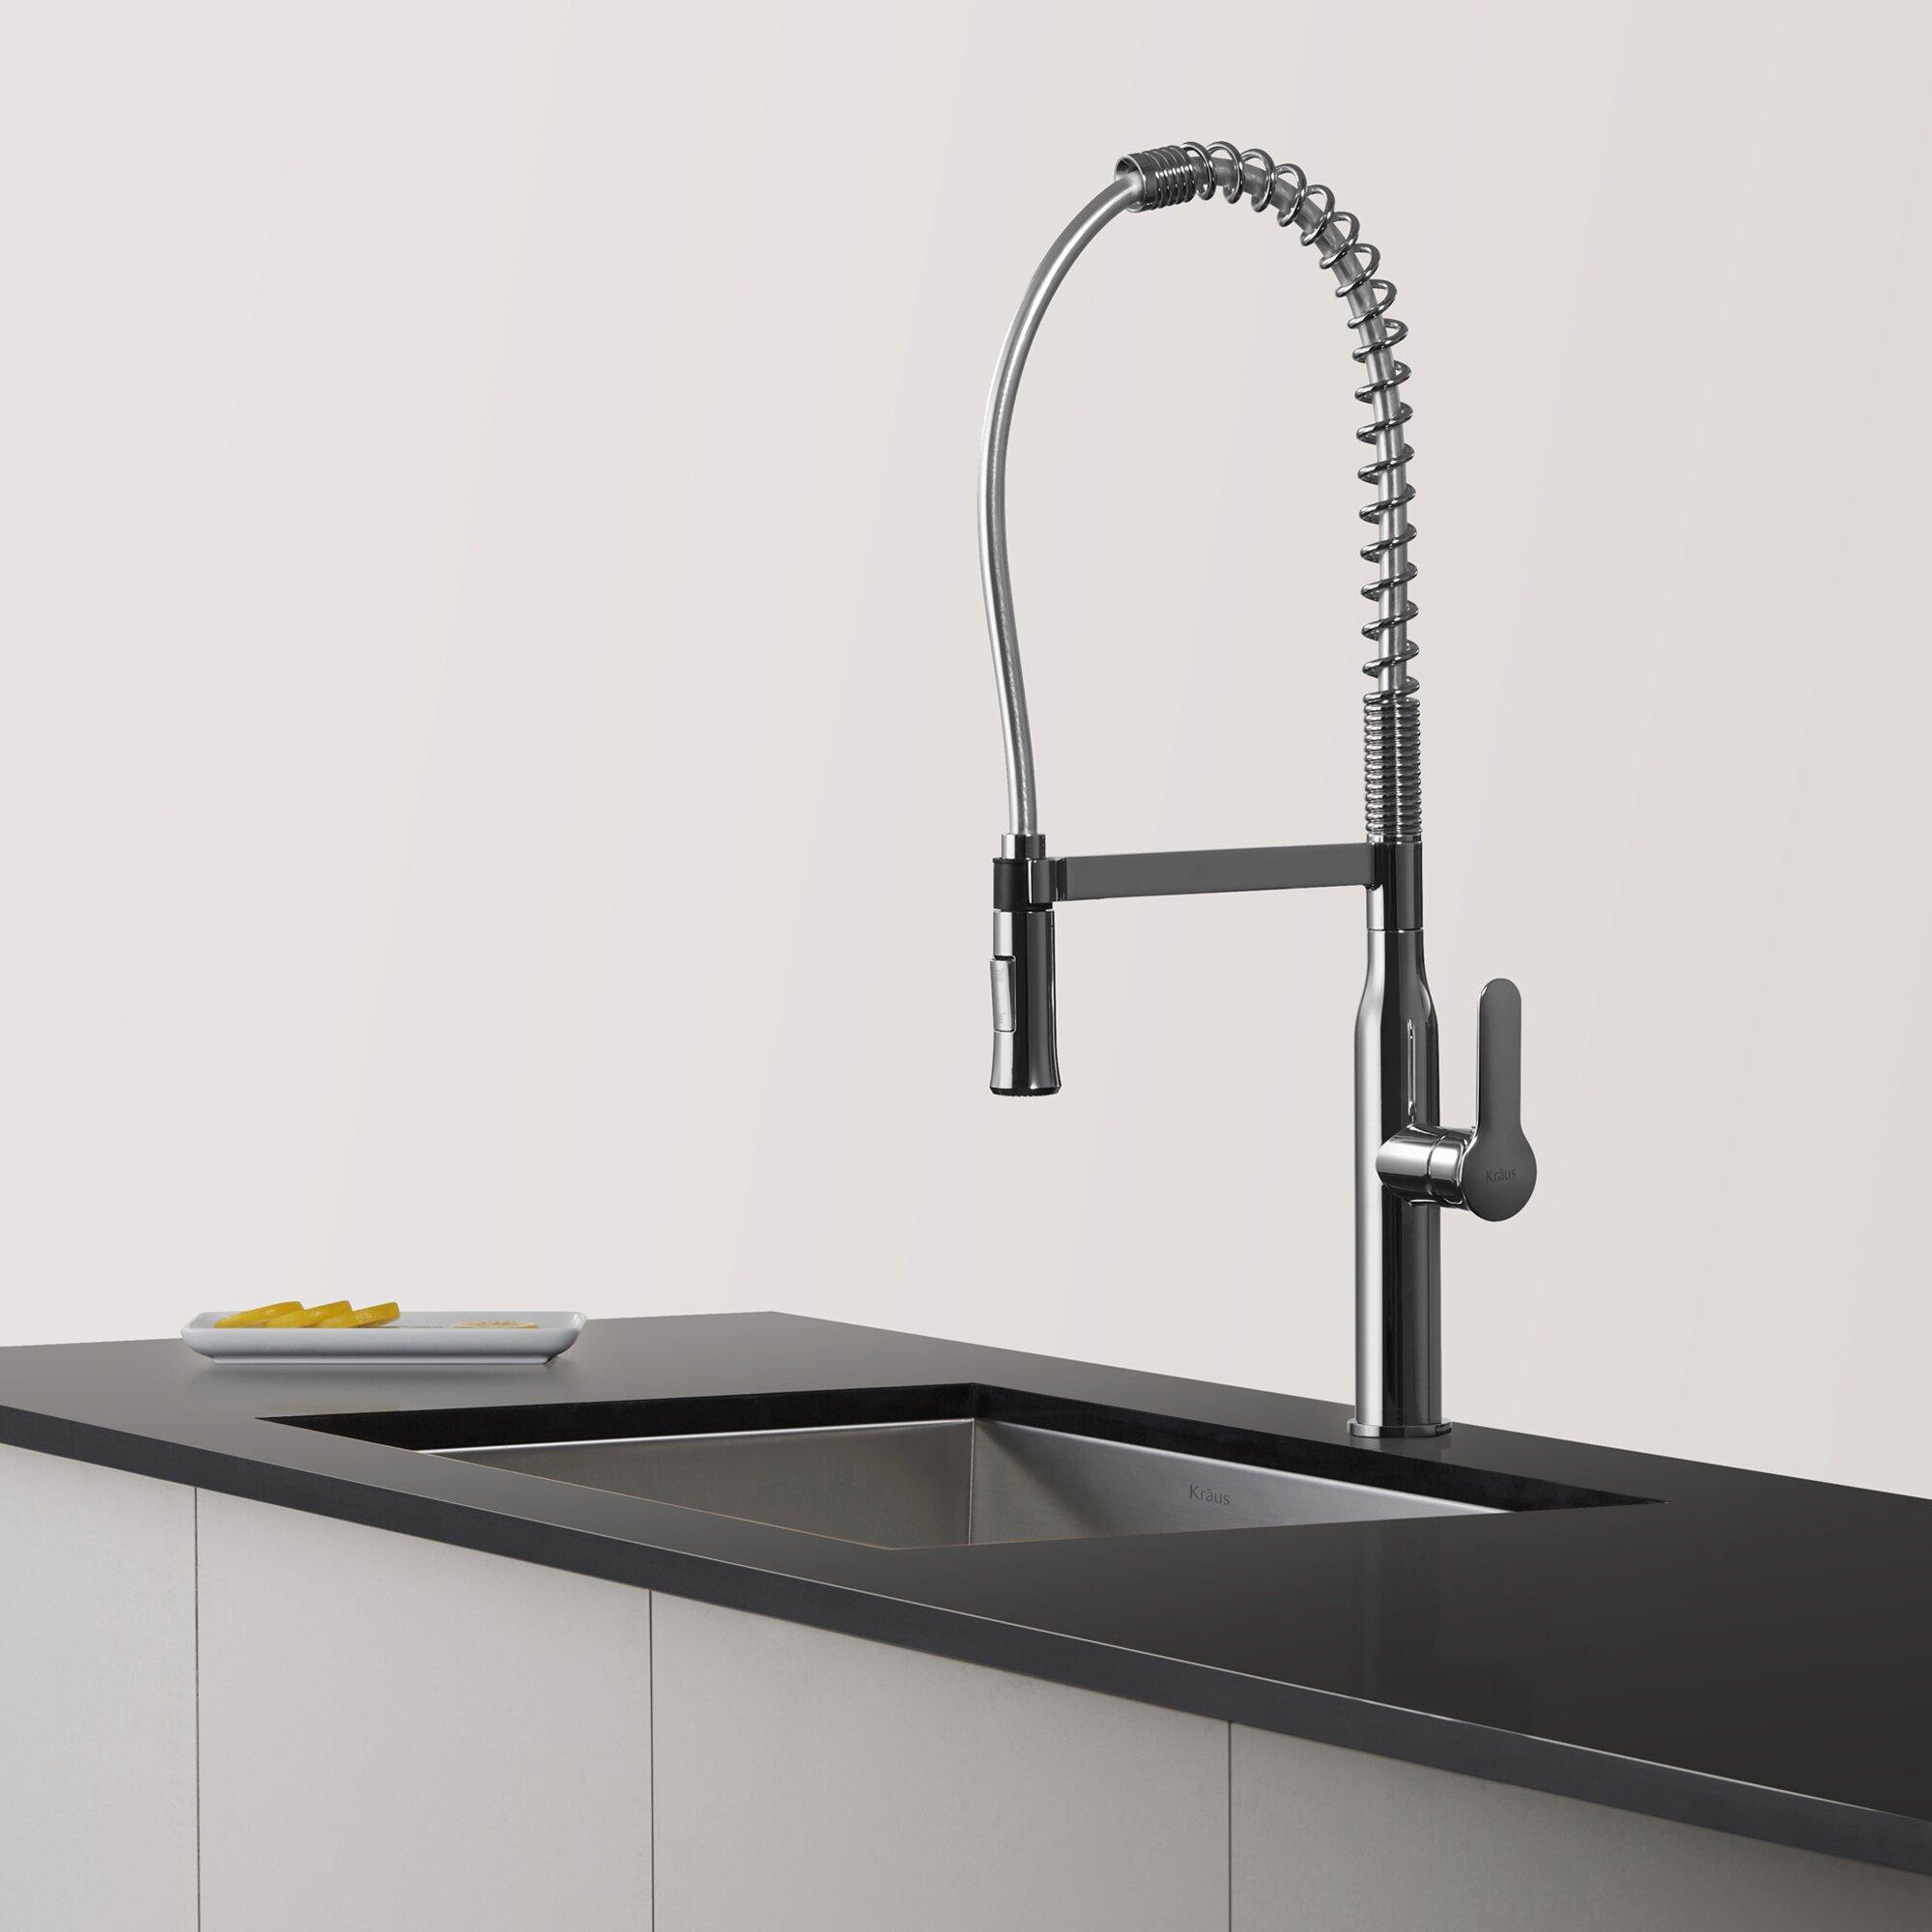 Kpf  Kraus Nola Single Lever Commercial Style Kitchen Faucet